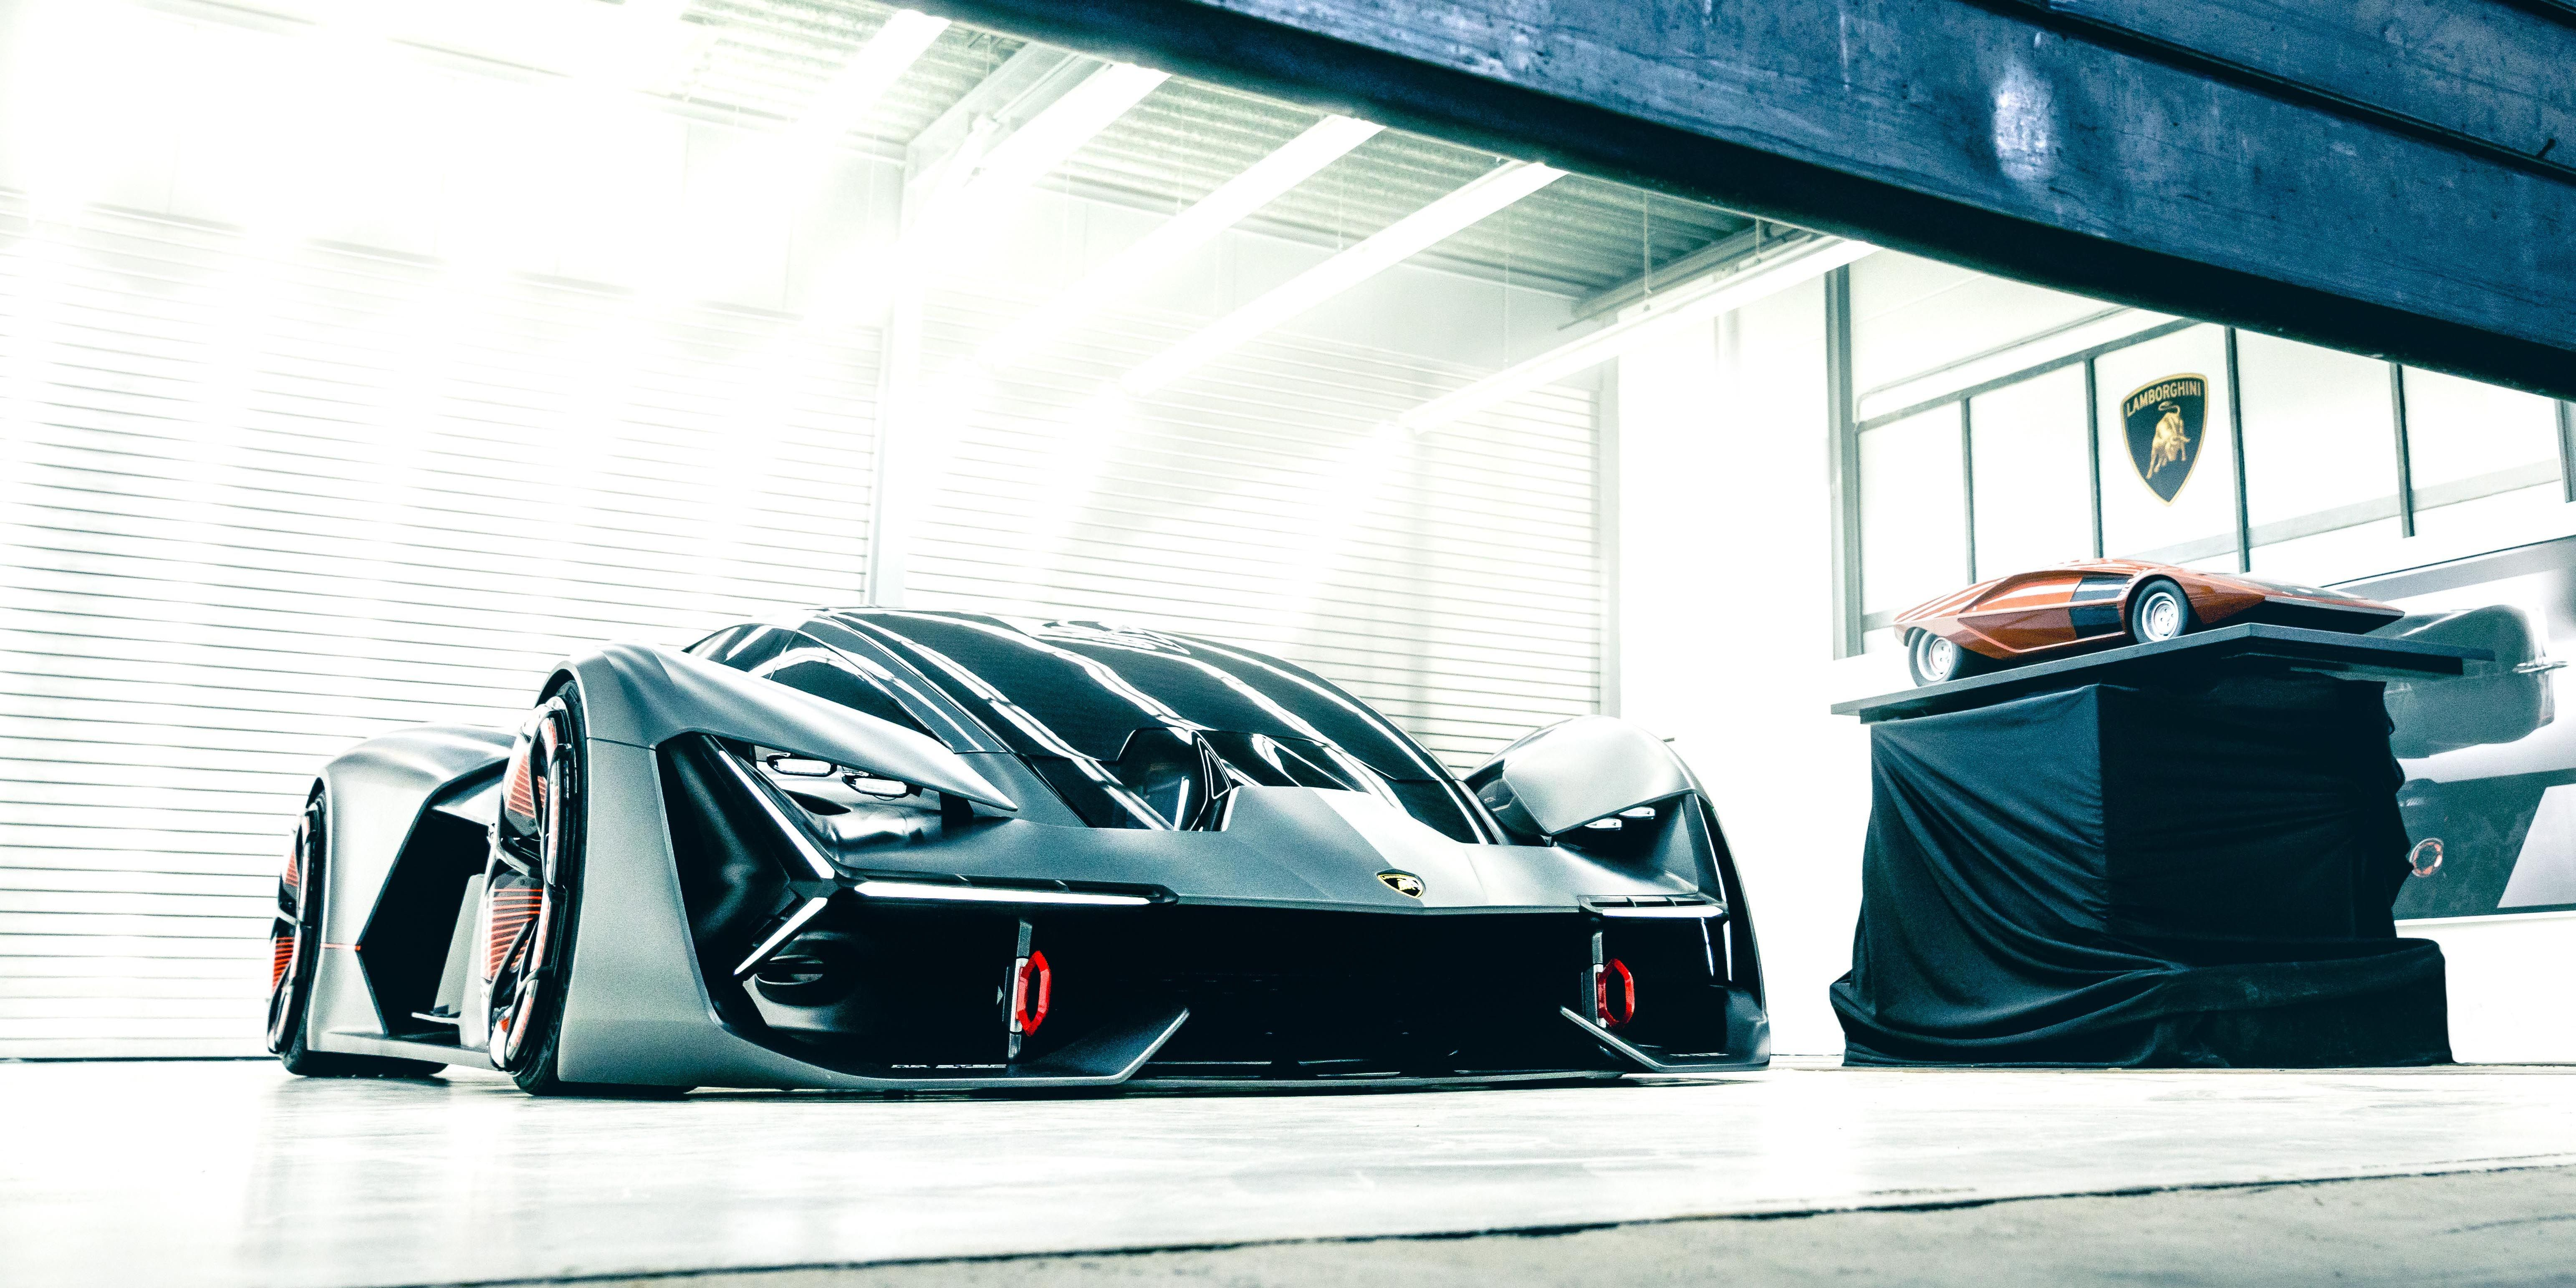 The Lamborghini Terzo Millennio Is a Wild Electric Hypercar For the Future